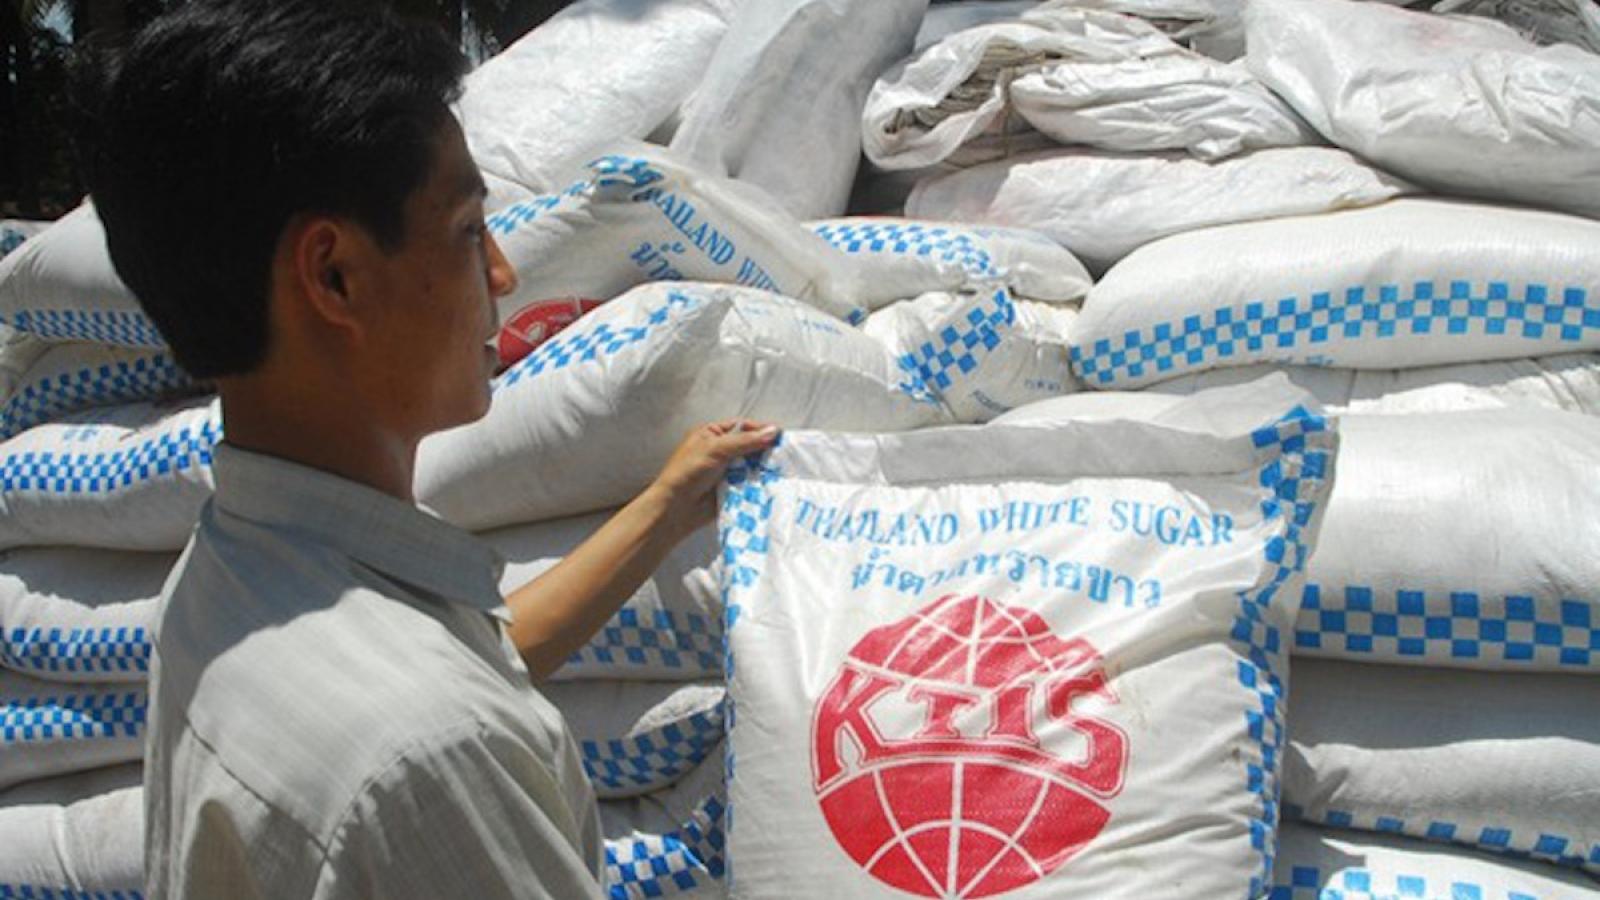 Tạm thu thuế chống bán phá giá đường mía Thái Lan ở mức 33,88%